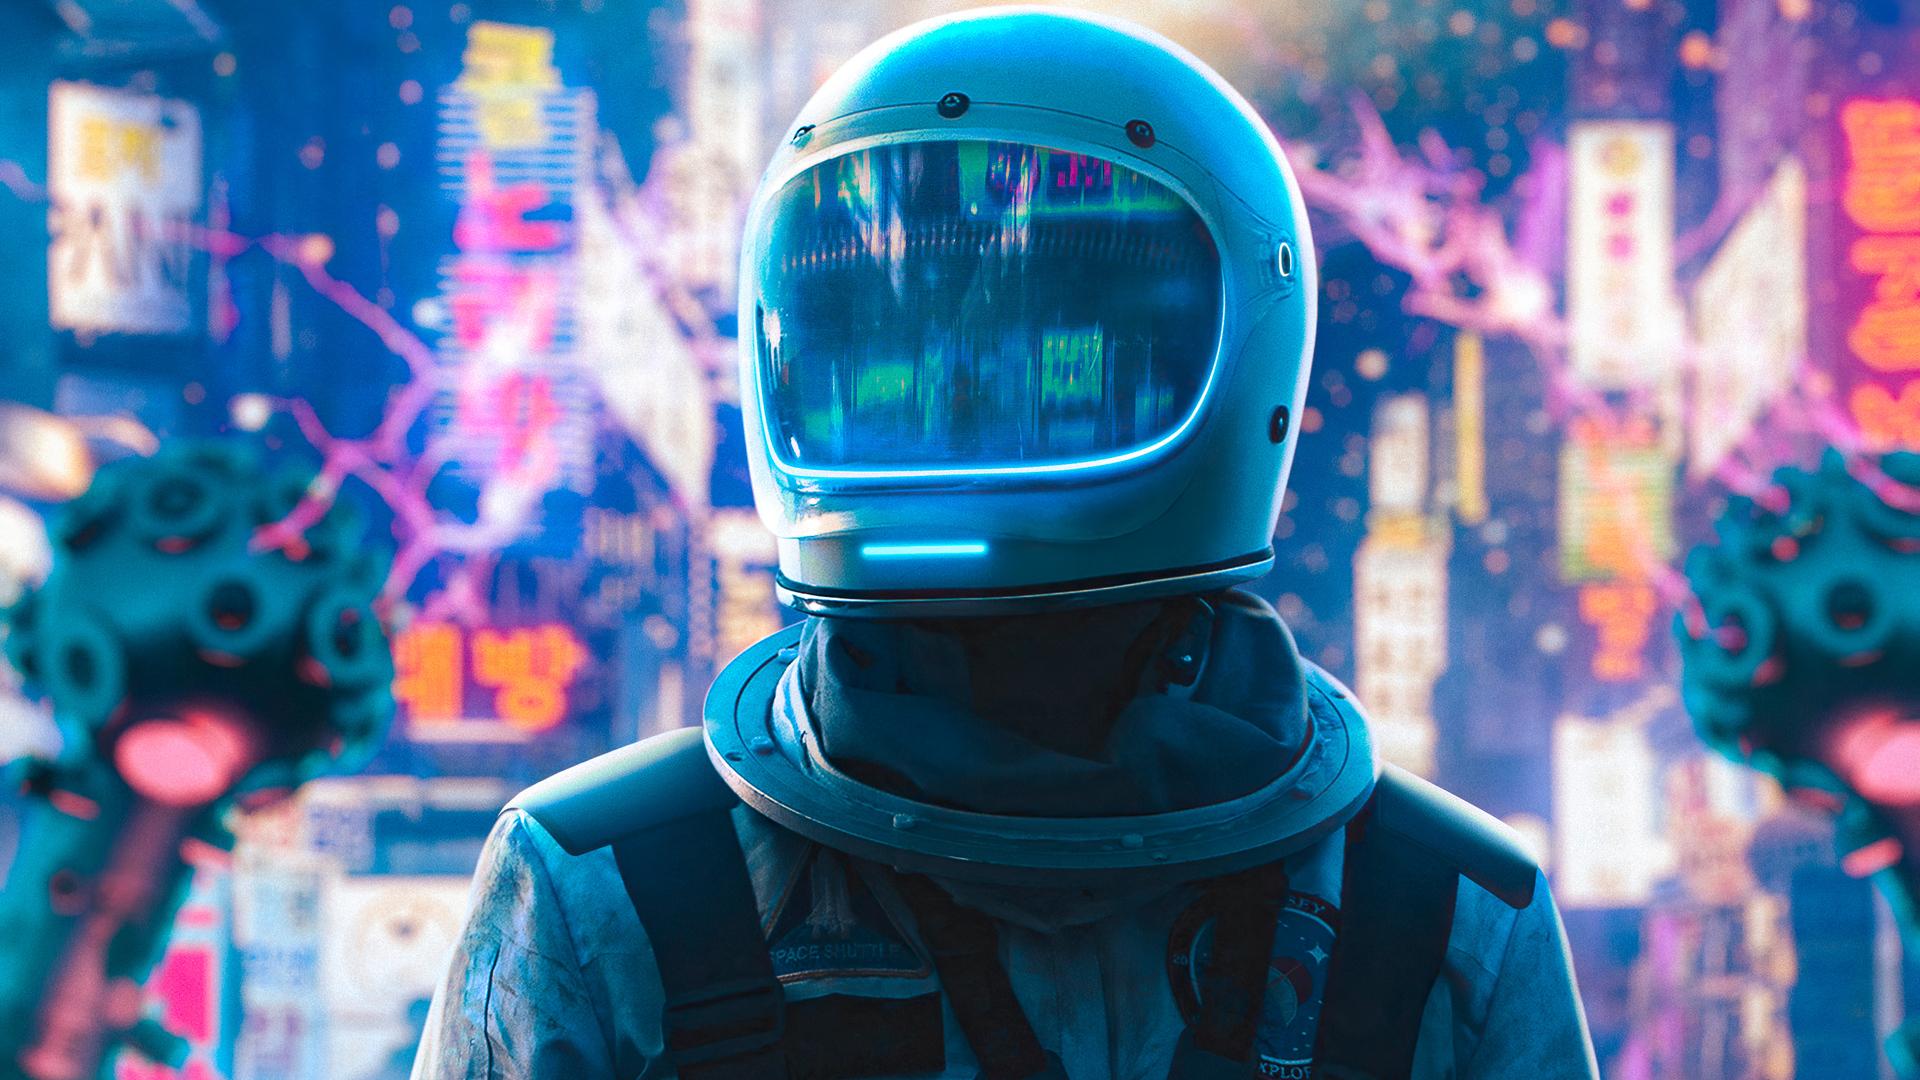 1920x1080 Astronaut Alone In Neon City 4k Laptop Full HD ...